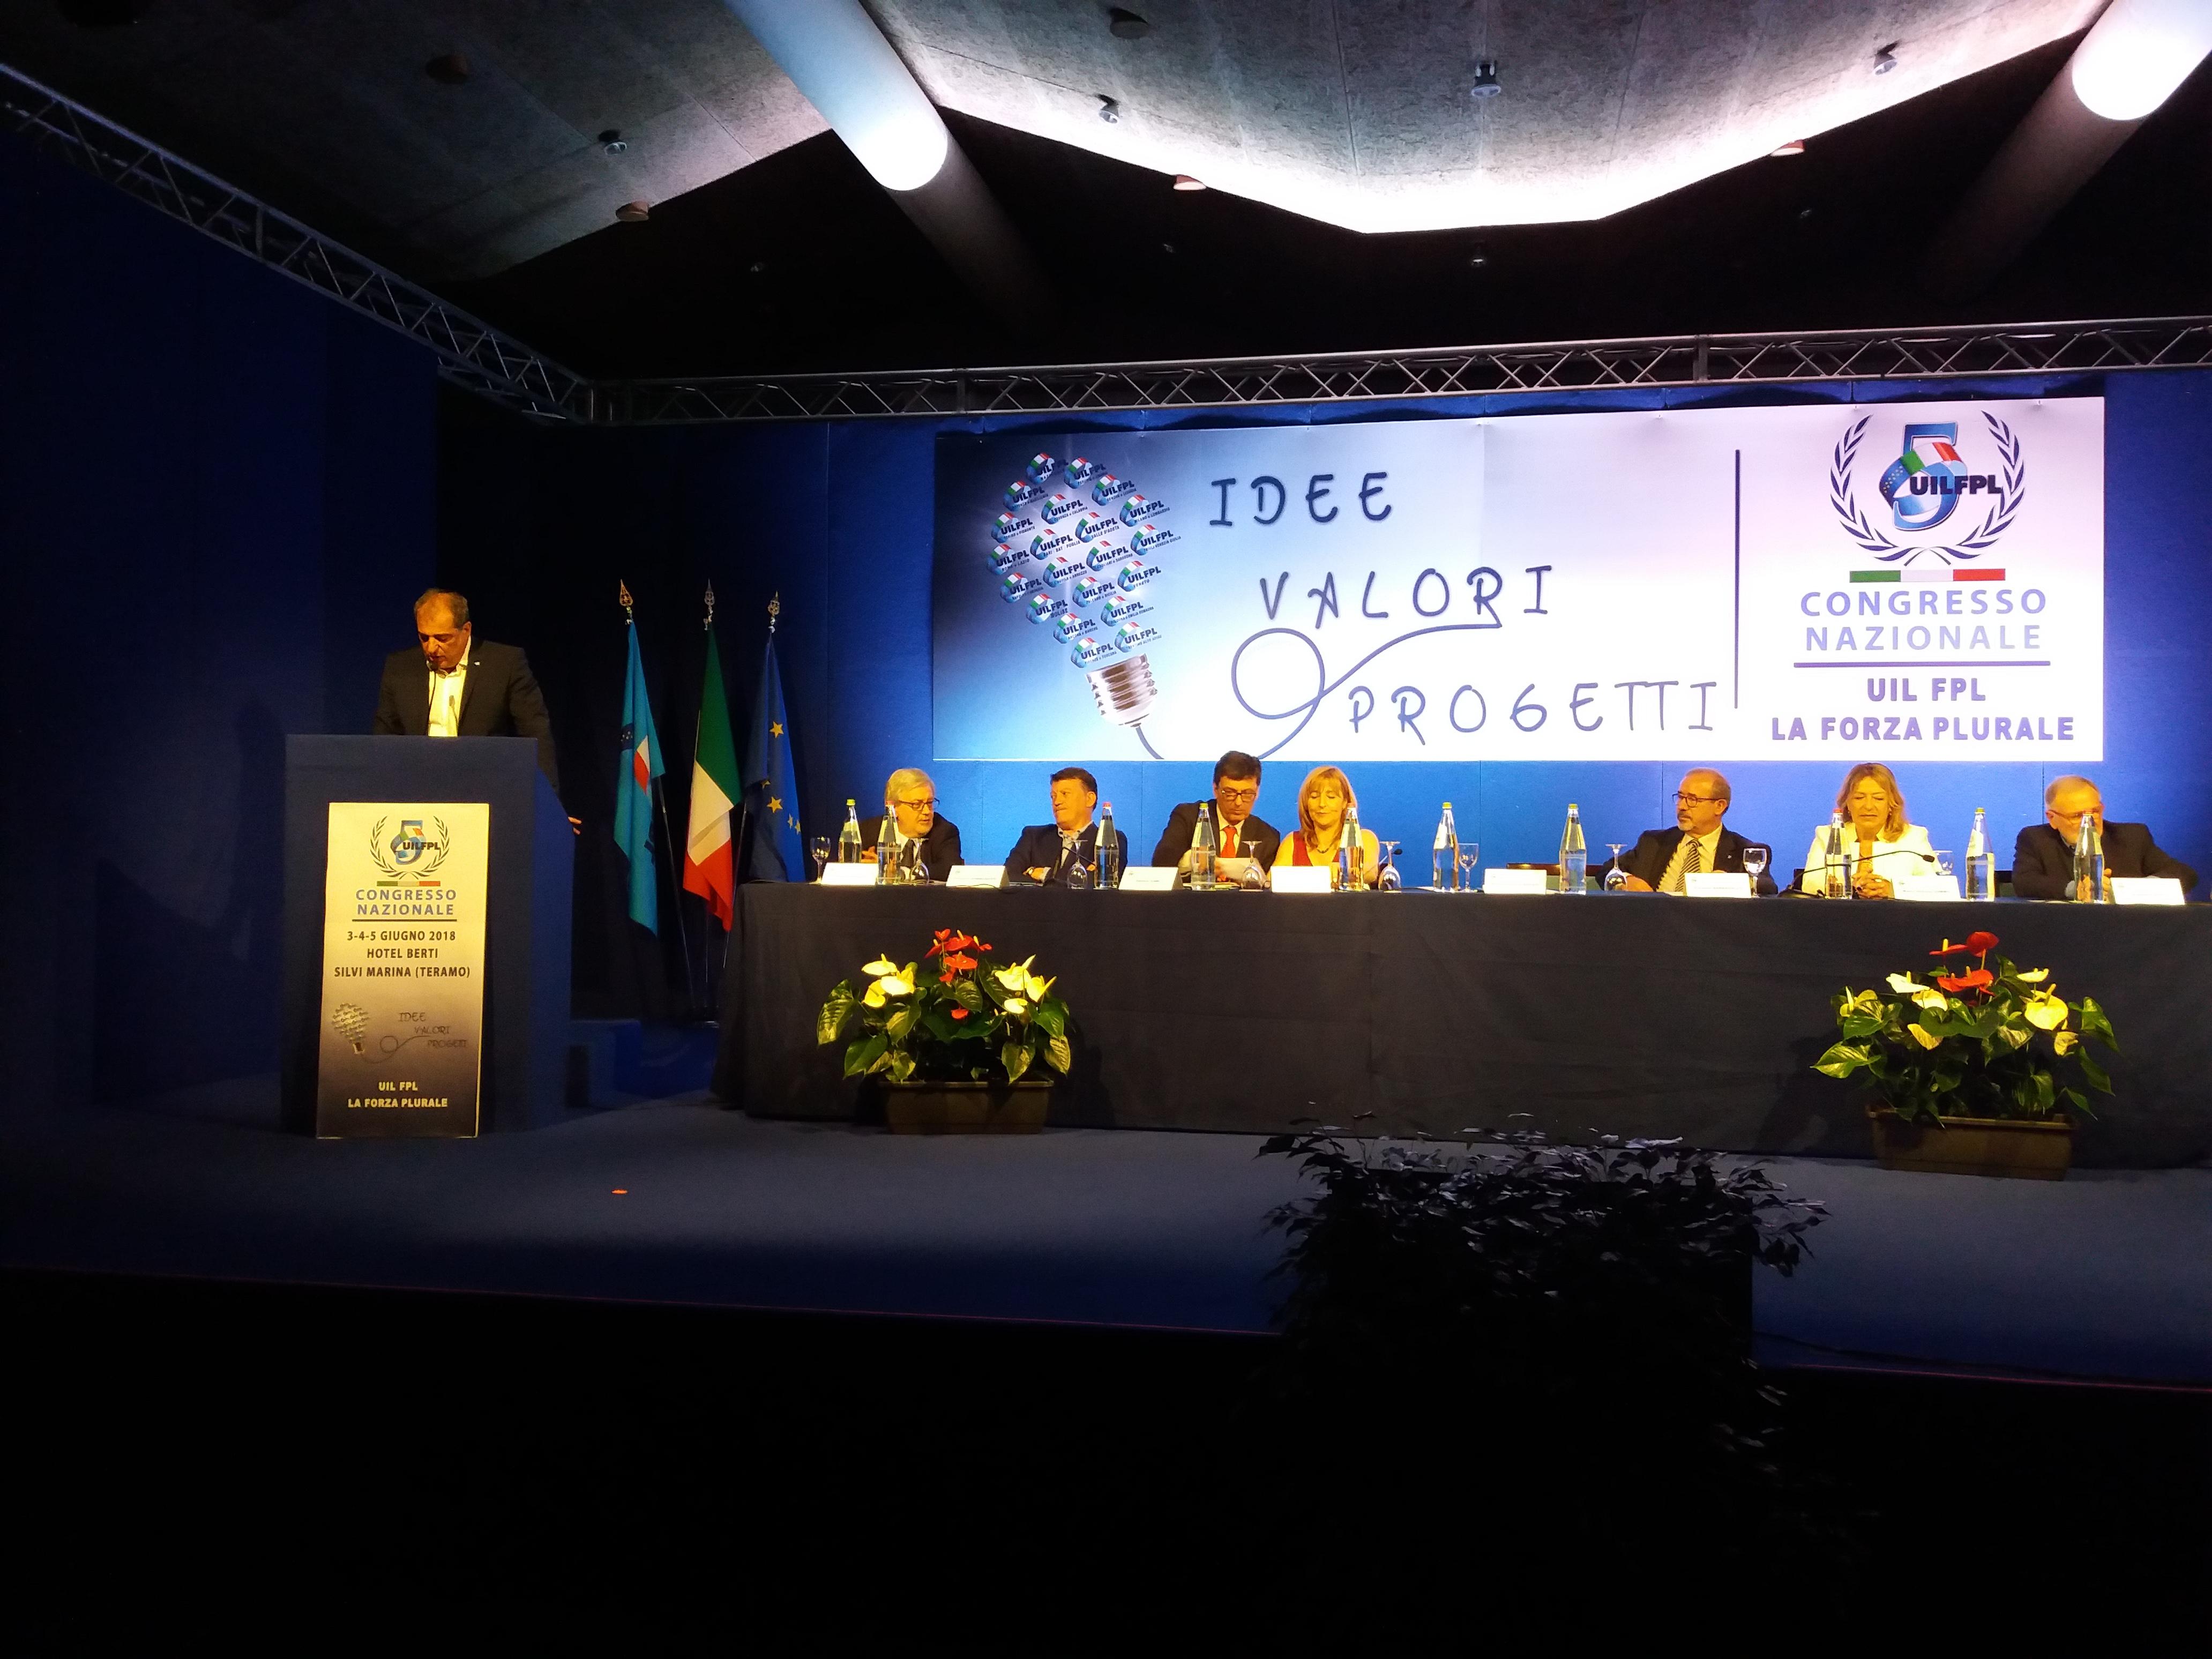 V Congresso UIL FPL - Riconfermato il Segretario Nazionale Michelangelo Librandi